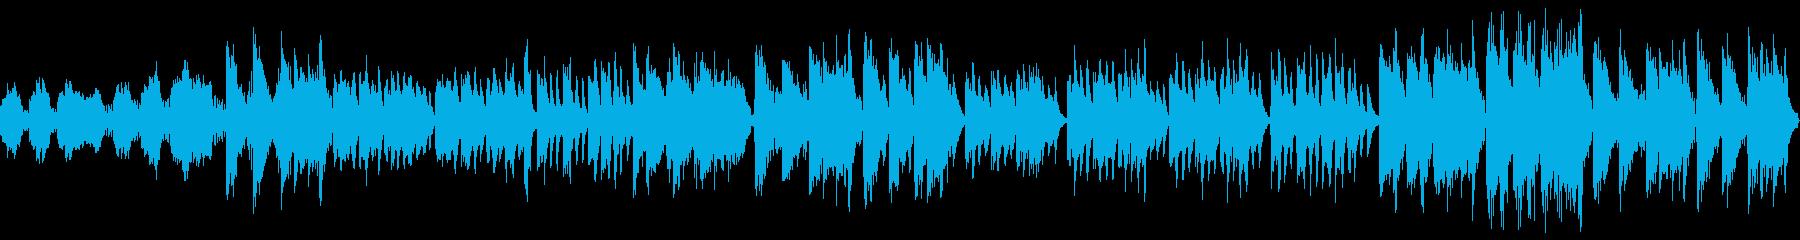 シネマティック センチメンタル や...の再生済みの波形